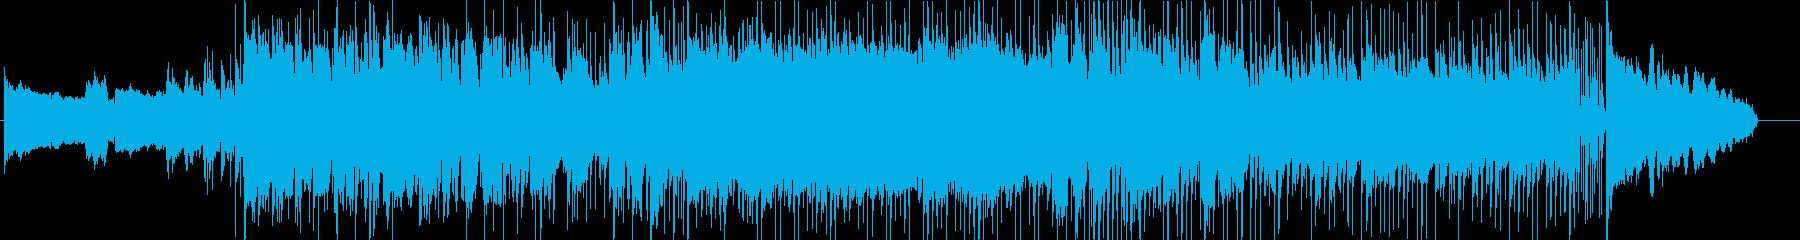 ヨーデリングボーカルのクラシックロ...の再生済みの波形